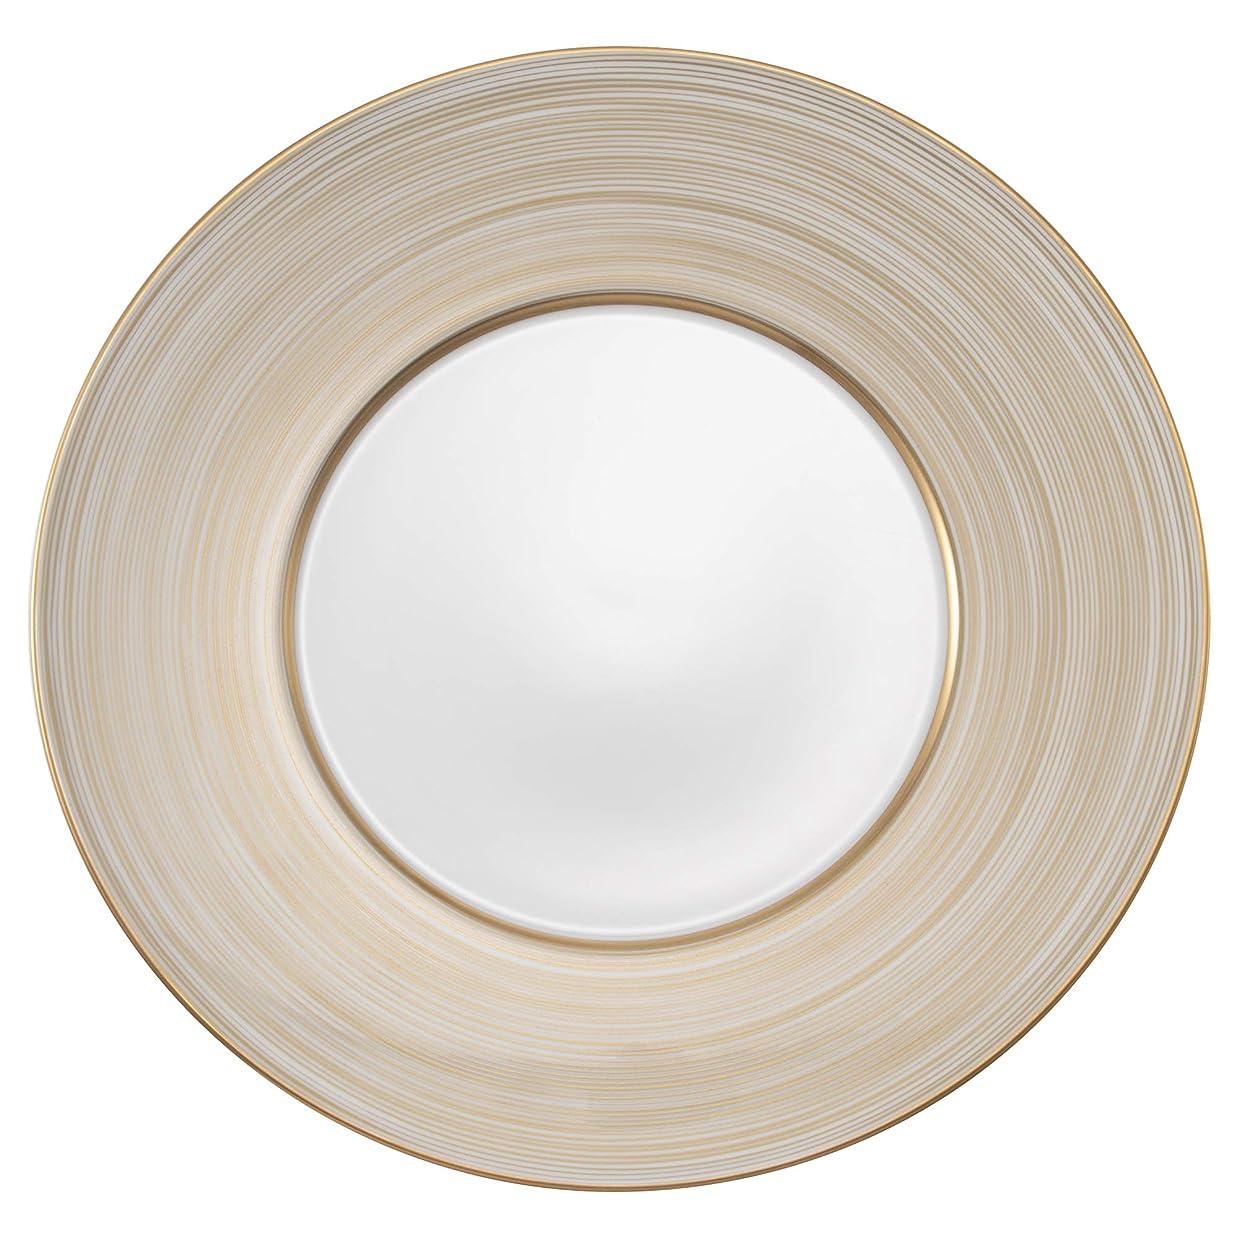 祈りルーム仕方NARUMI(ナルミ) プレート 皿 ゴールド渦バンド ゴールド 27cm 日本製 51722-5666